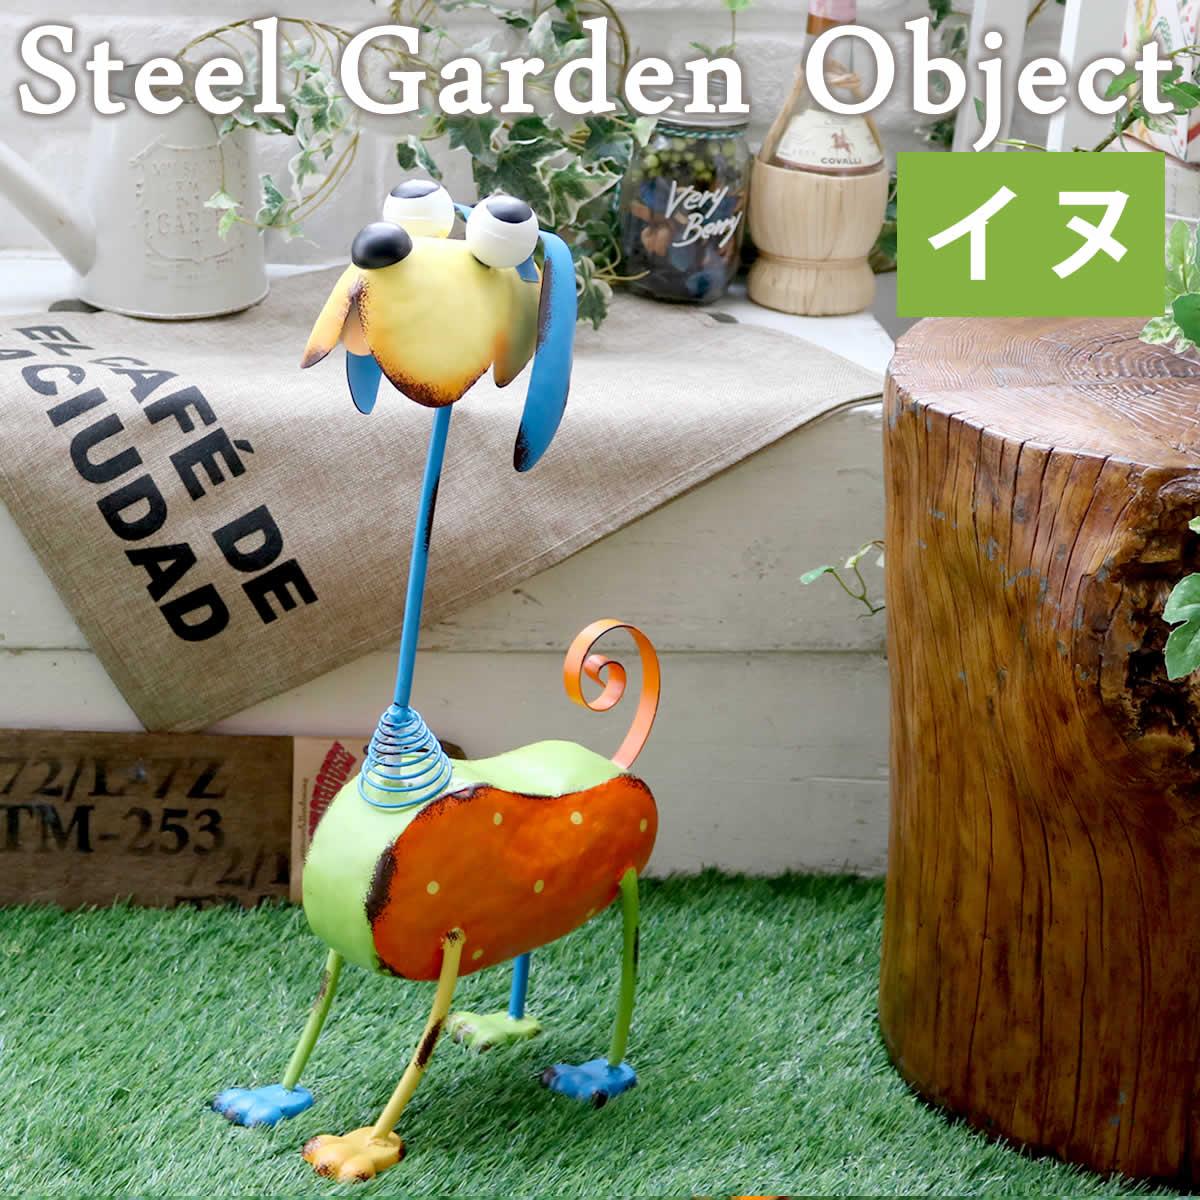 【SS】スチールガーデンオブジェシリーズ イヌ【送料無料 置物 置き物 オーナメント ブリキ風 ガーデンオーナメント 人形】